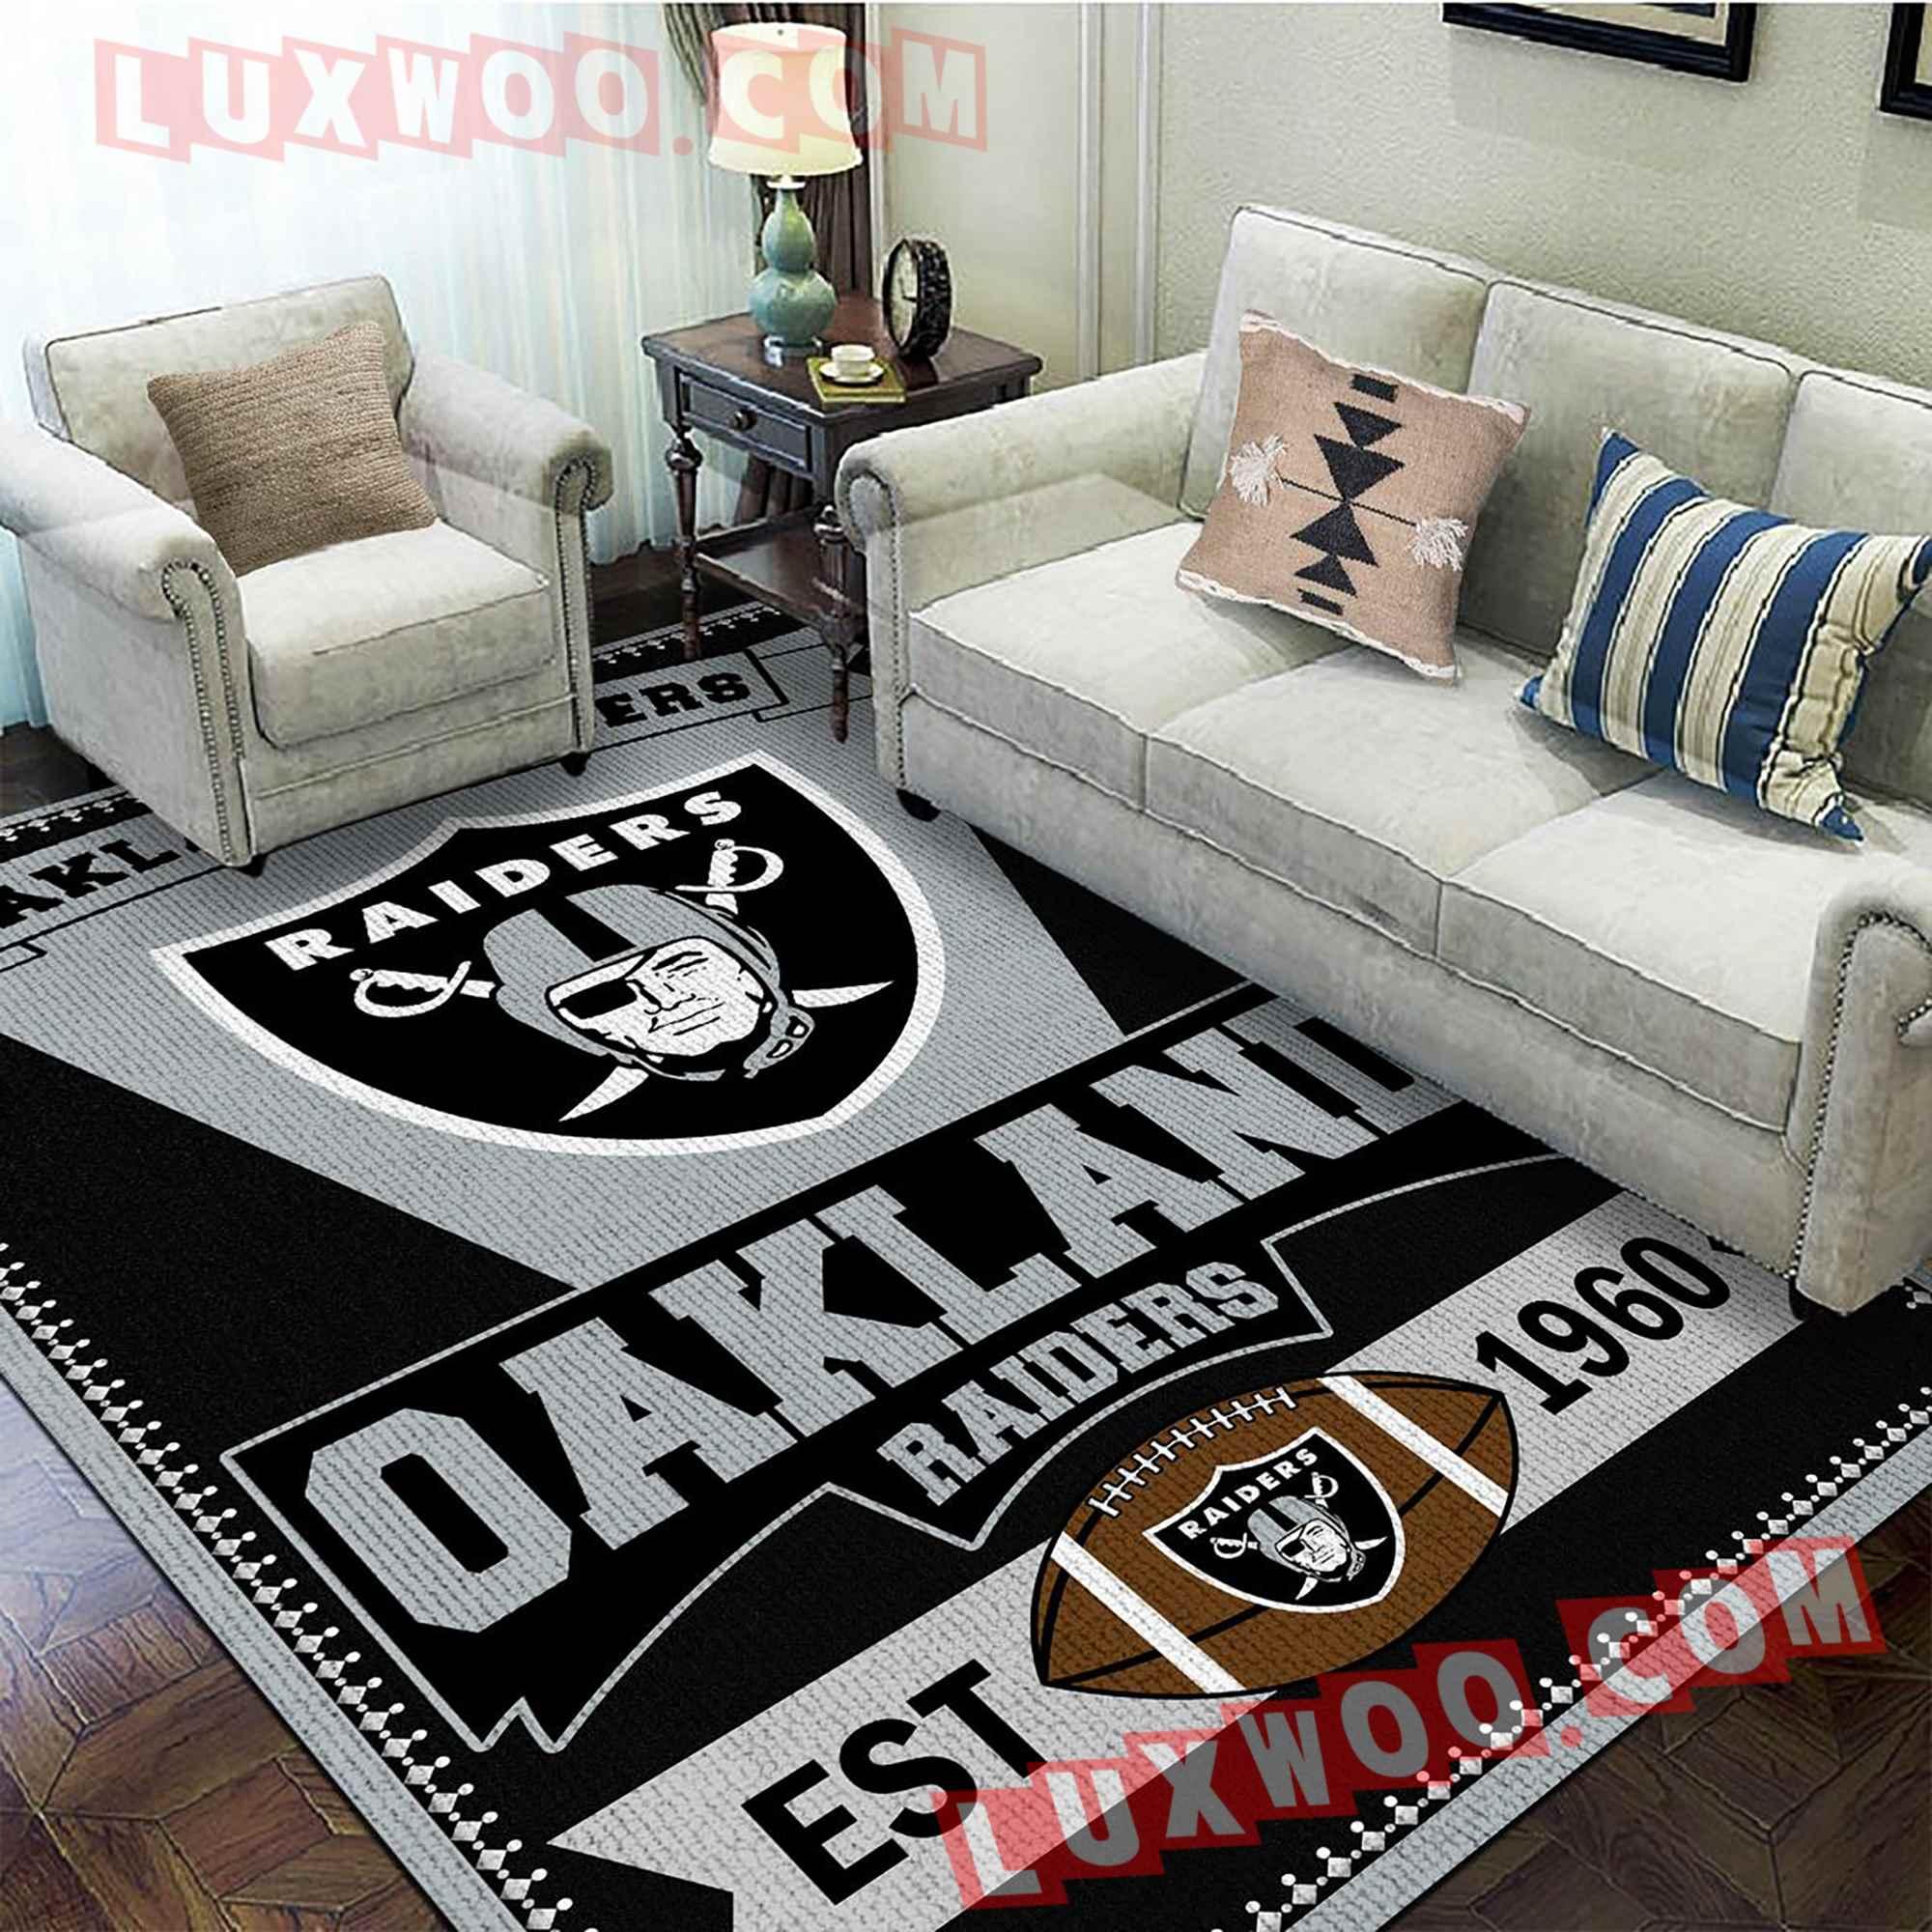 Oakland Raiders Nfl 3d Living Room Rugs V4